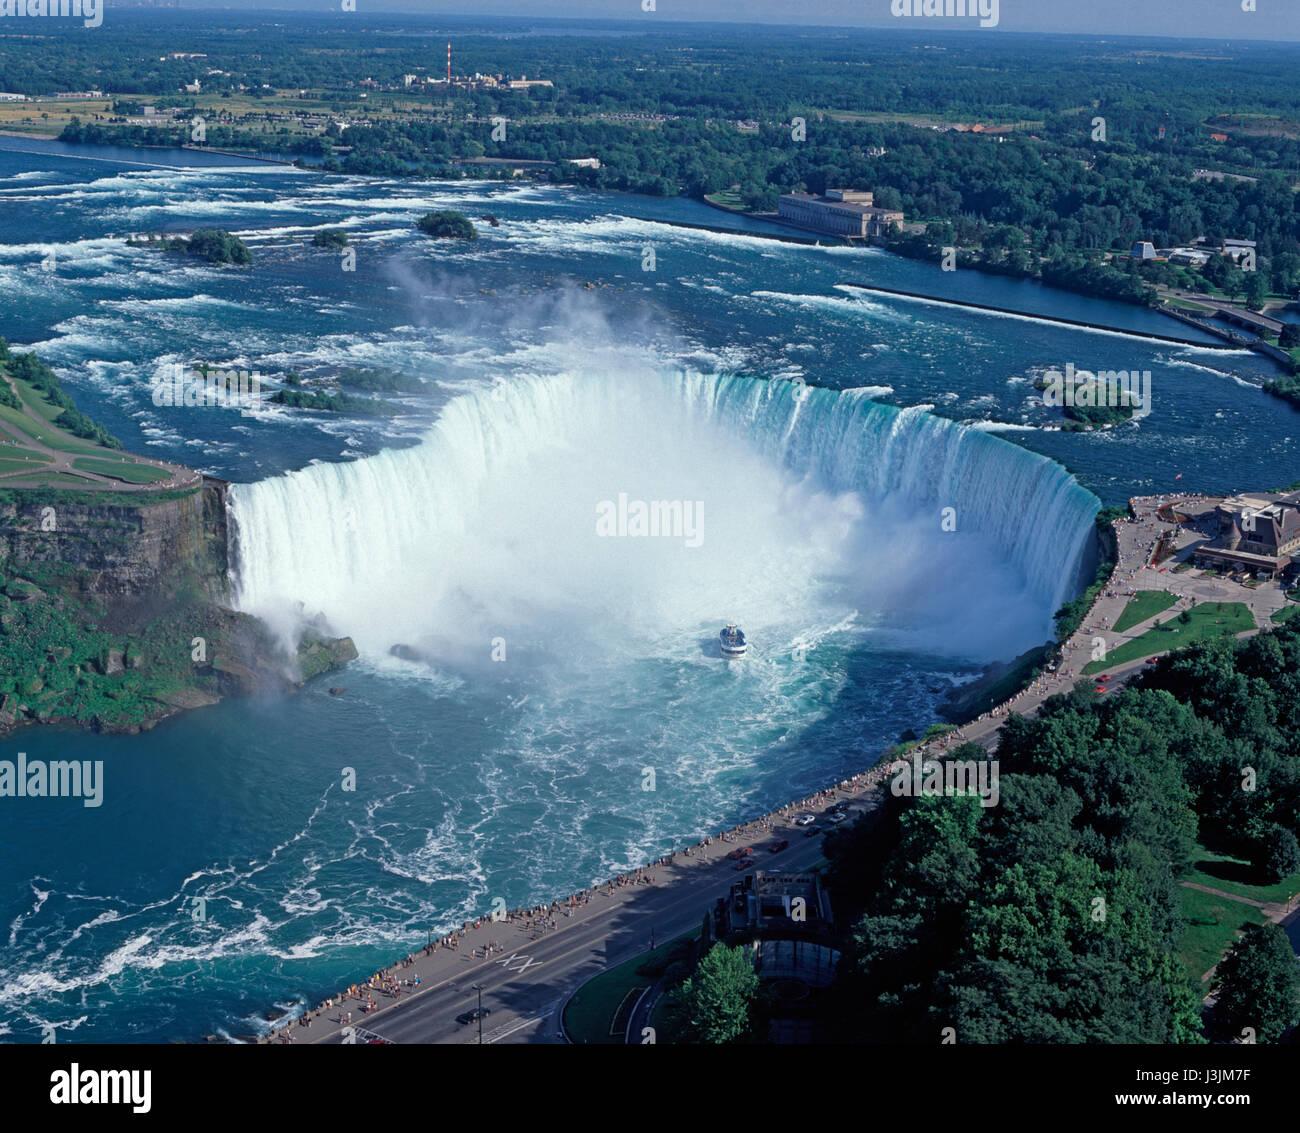 Le Cascate del Niagara e la Domestica della Foschia imbarcazione da diporto, Ontario, Canada Immagini Stock